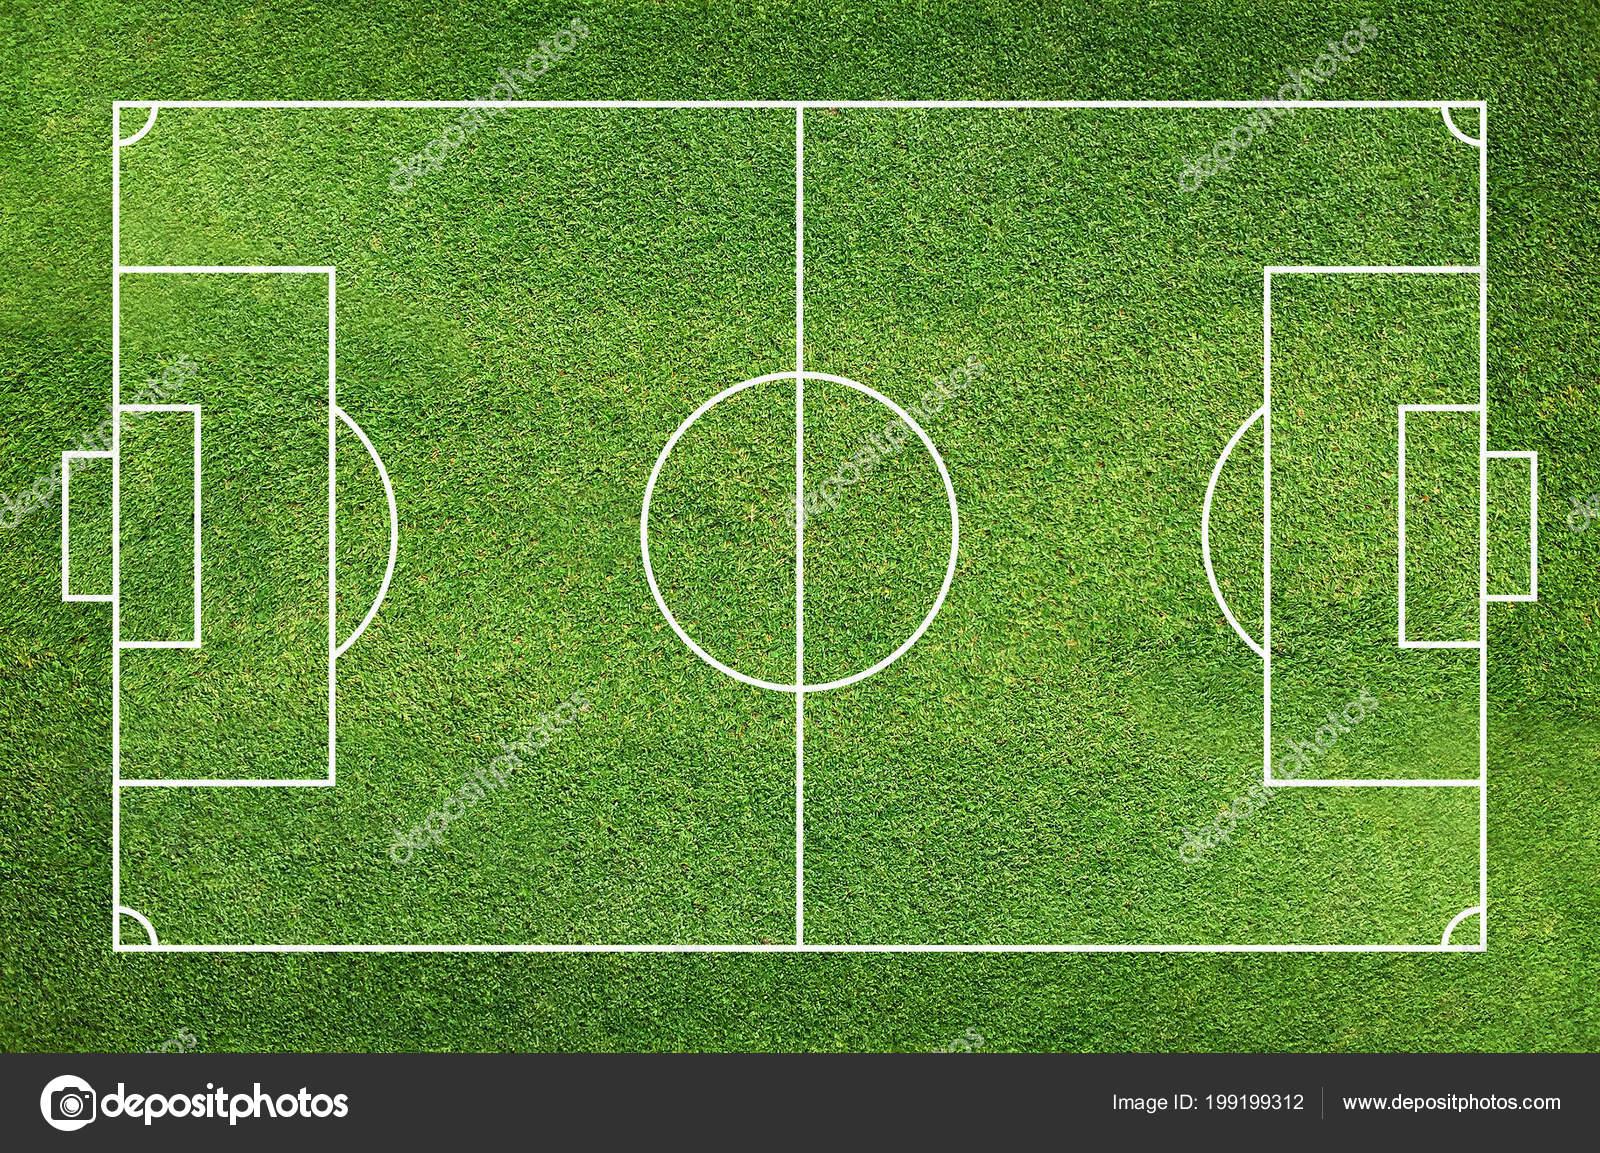 Campo de fútbol o cancha de futbol con pasto verde patrón y la textura de  fondo - fondo  pasto de futbol — Foto de praew p 1985.hotmail.com — Foto de  ... 9bc05477451a9